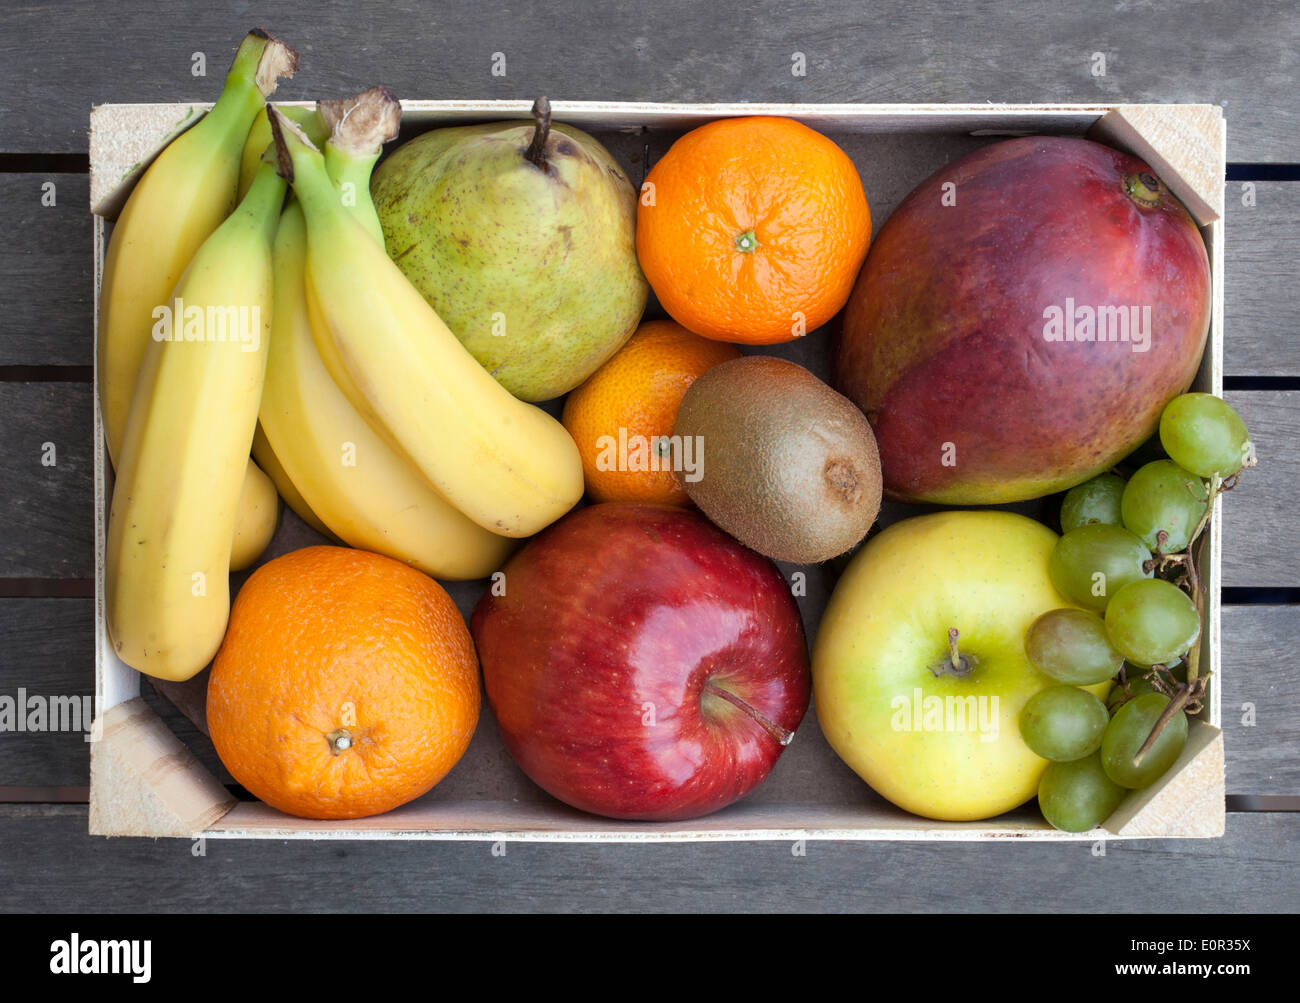 Caja de madera de fruta fresca variada, Foto de stock